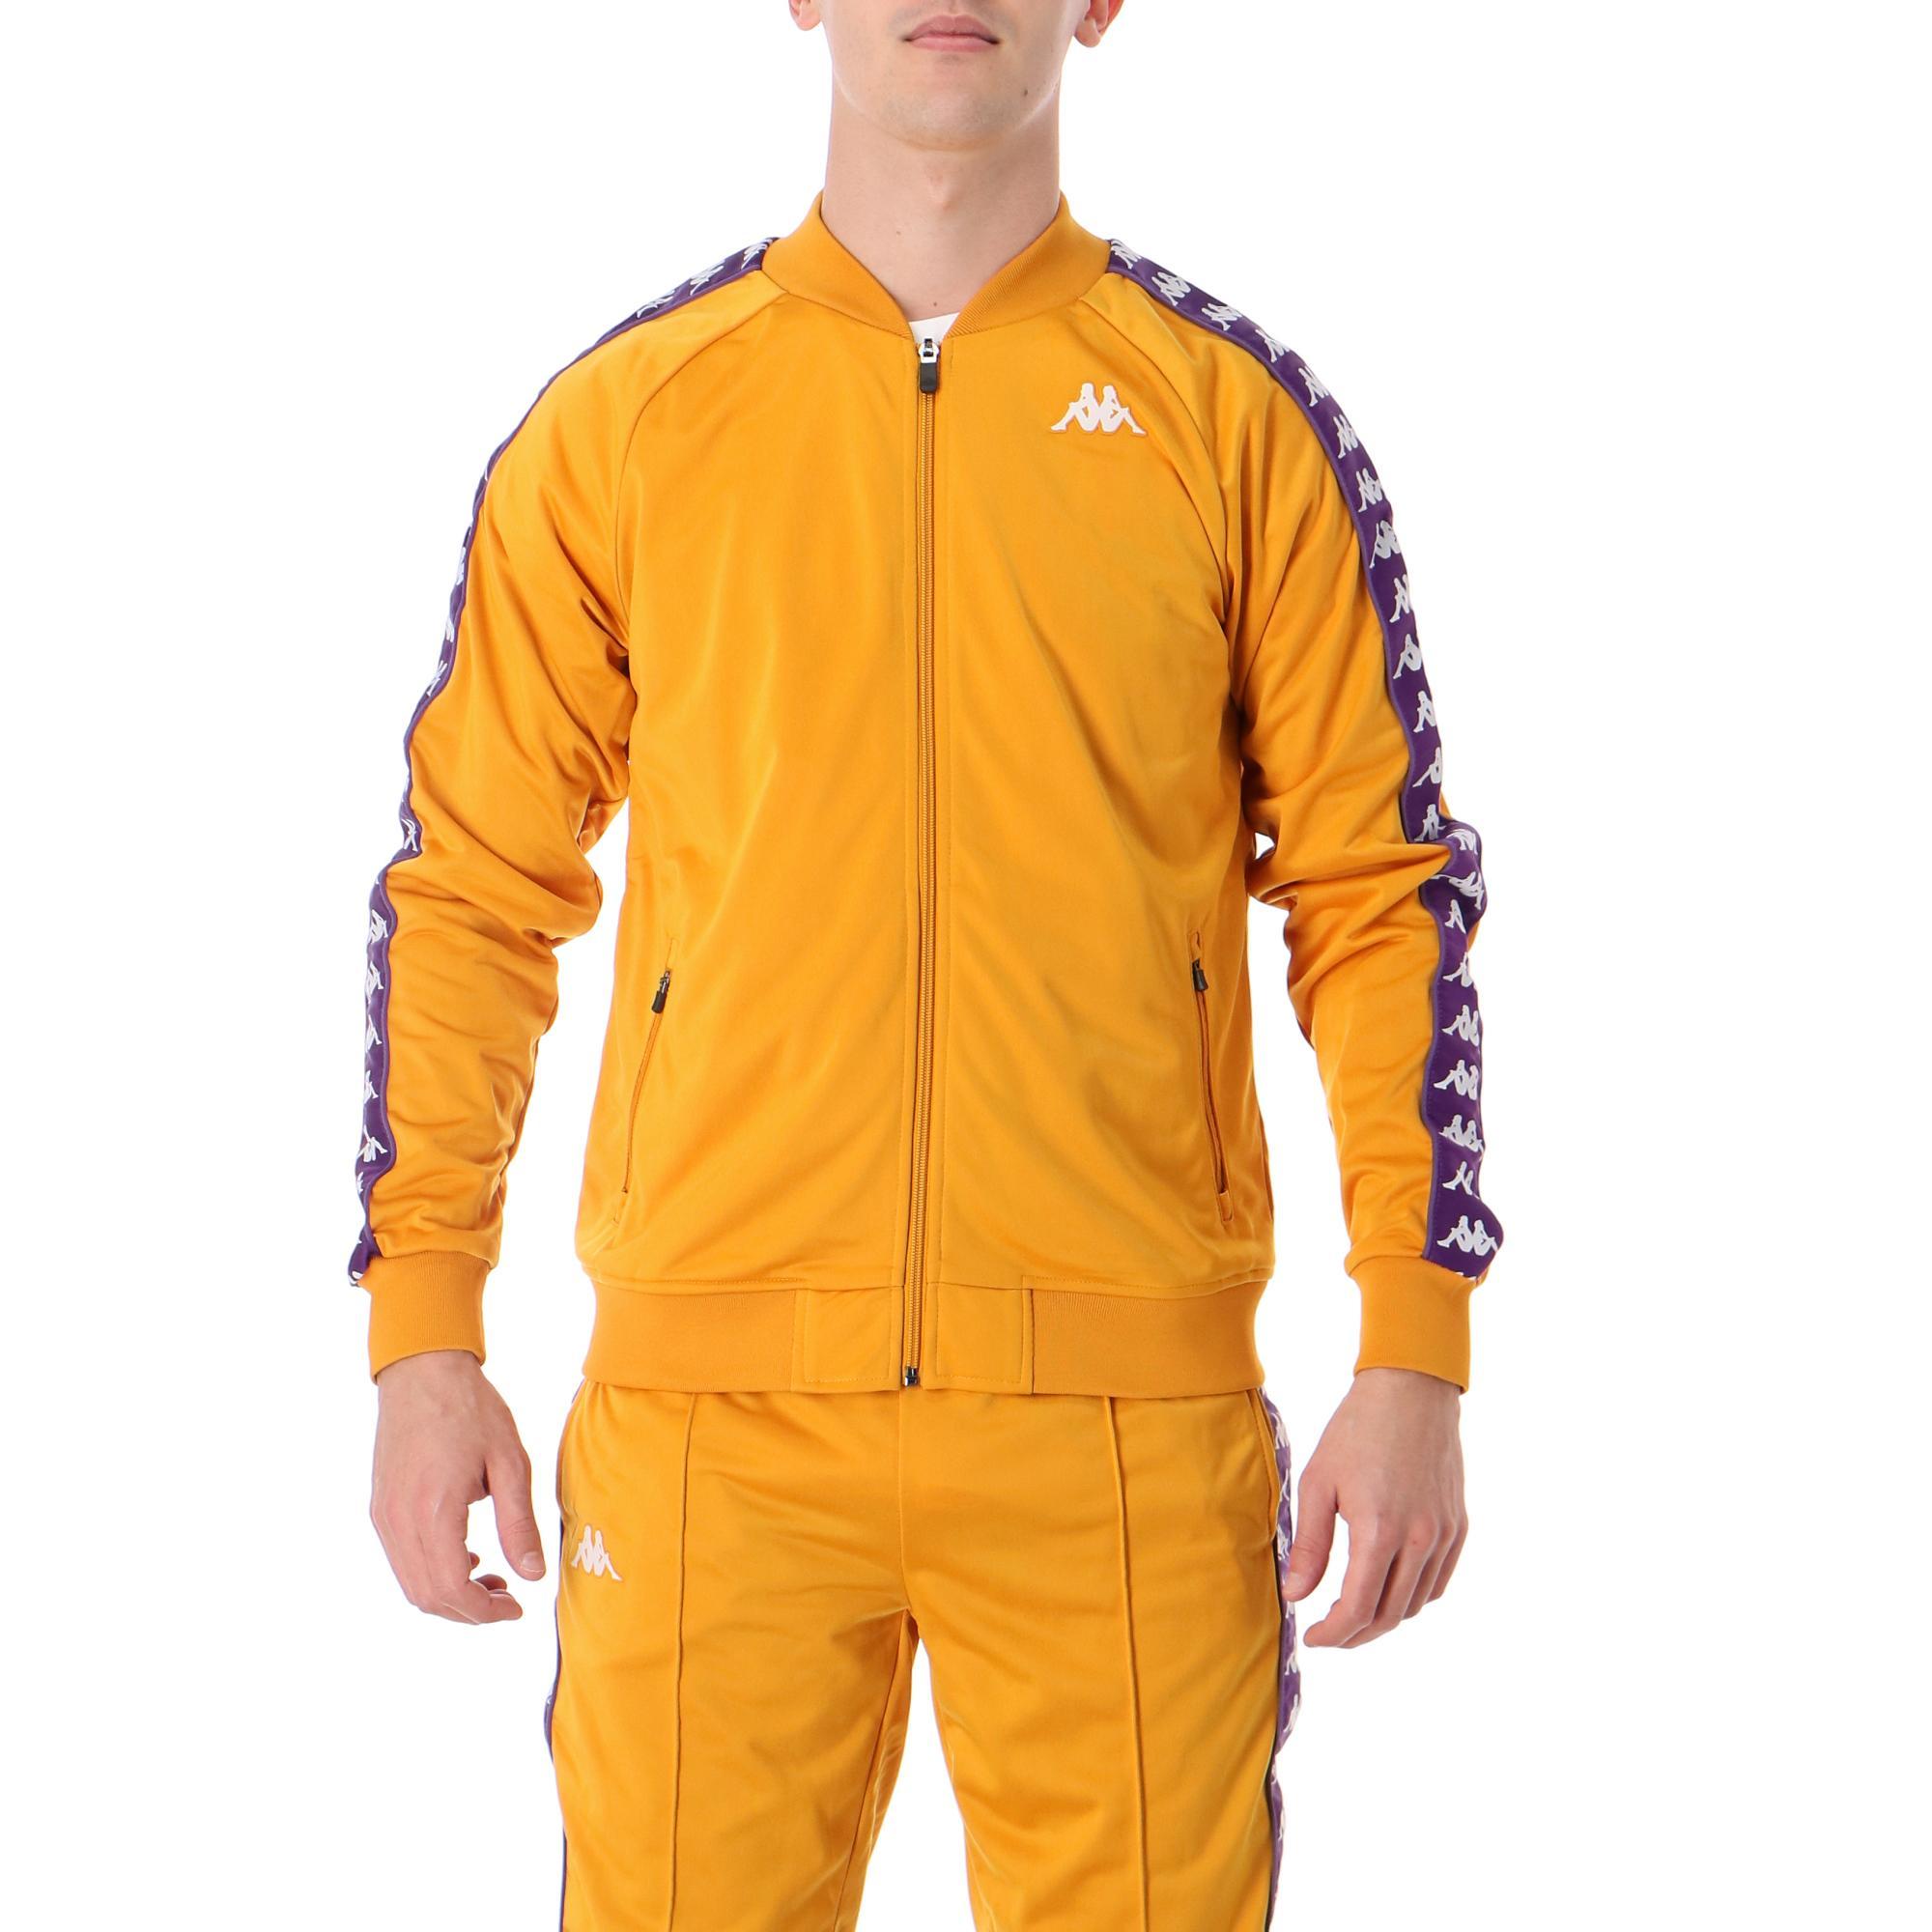 Kappa 222 Banda Bomber Slim Yellow ochre violet white